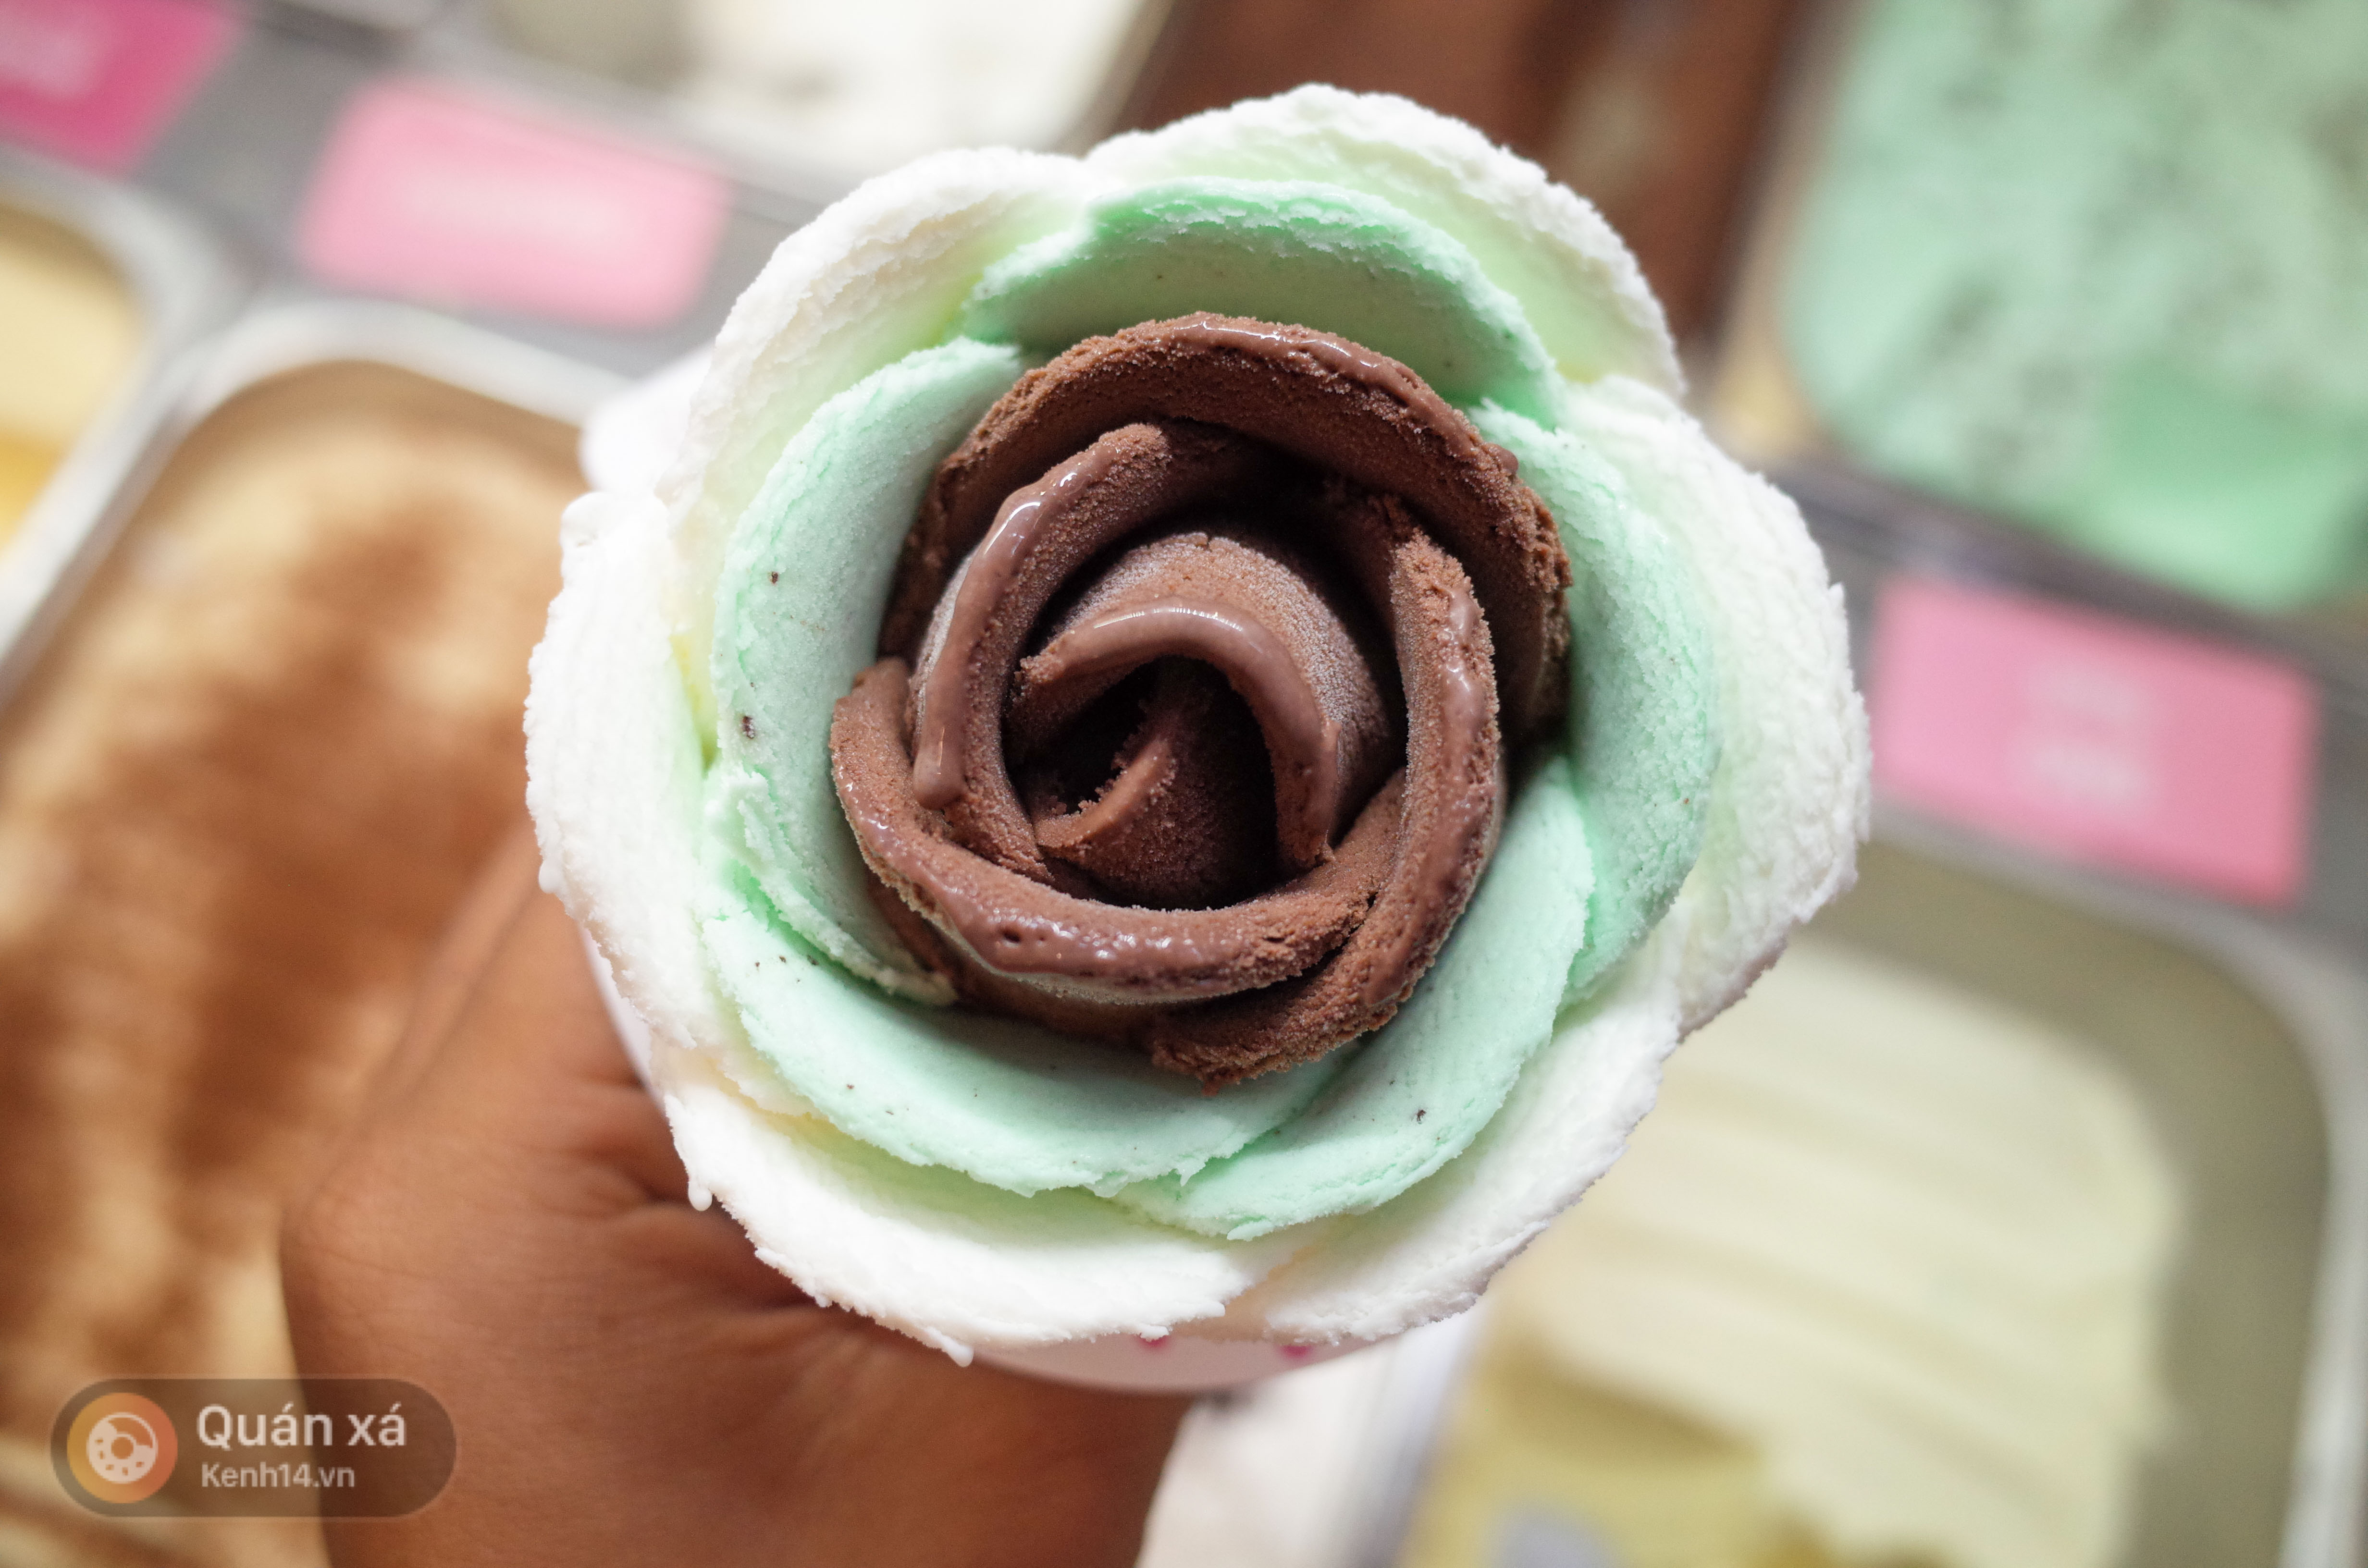 Sài Gòn: Đi thử ngay món kem hoa hồng đang khiến cư dân mạng thế giới sốt xình xịch - Ảnh 11.